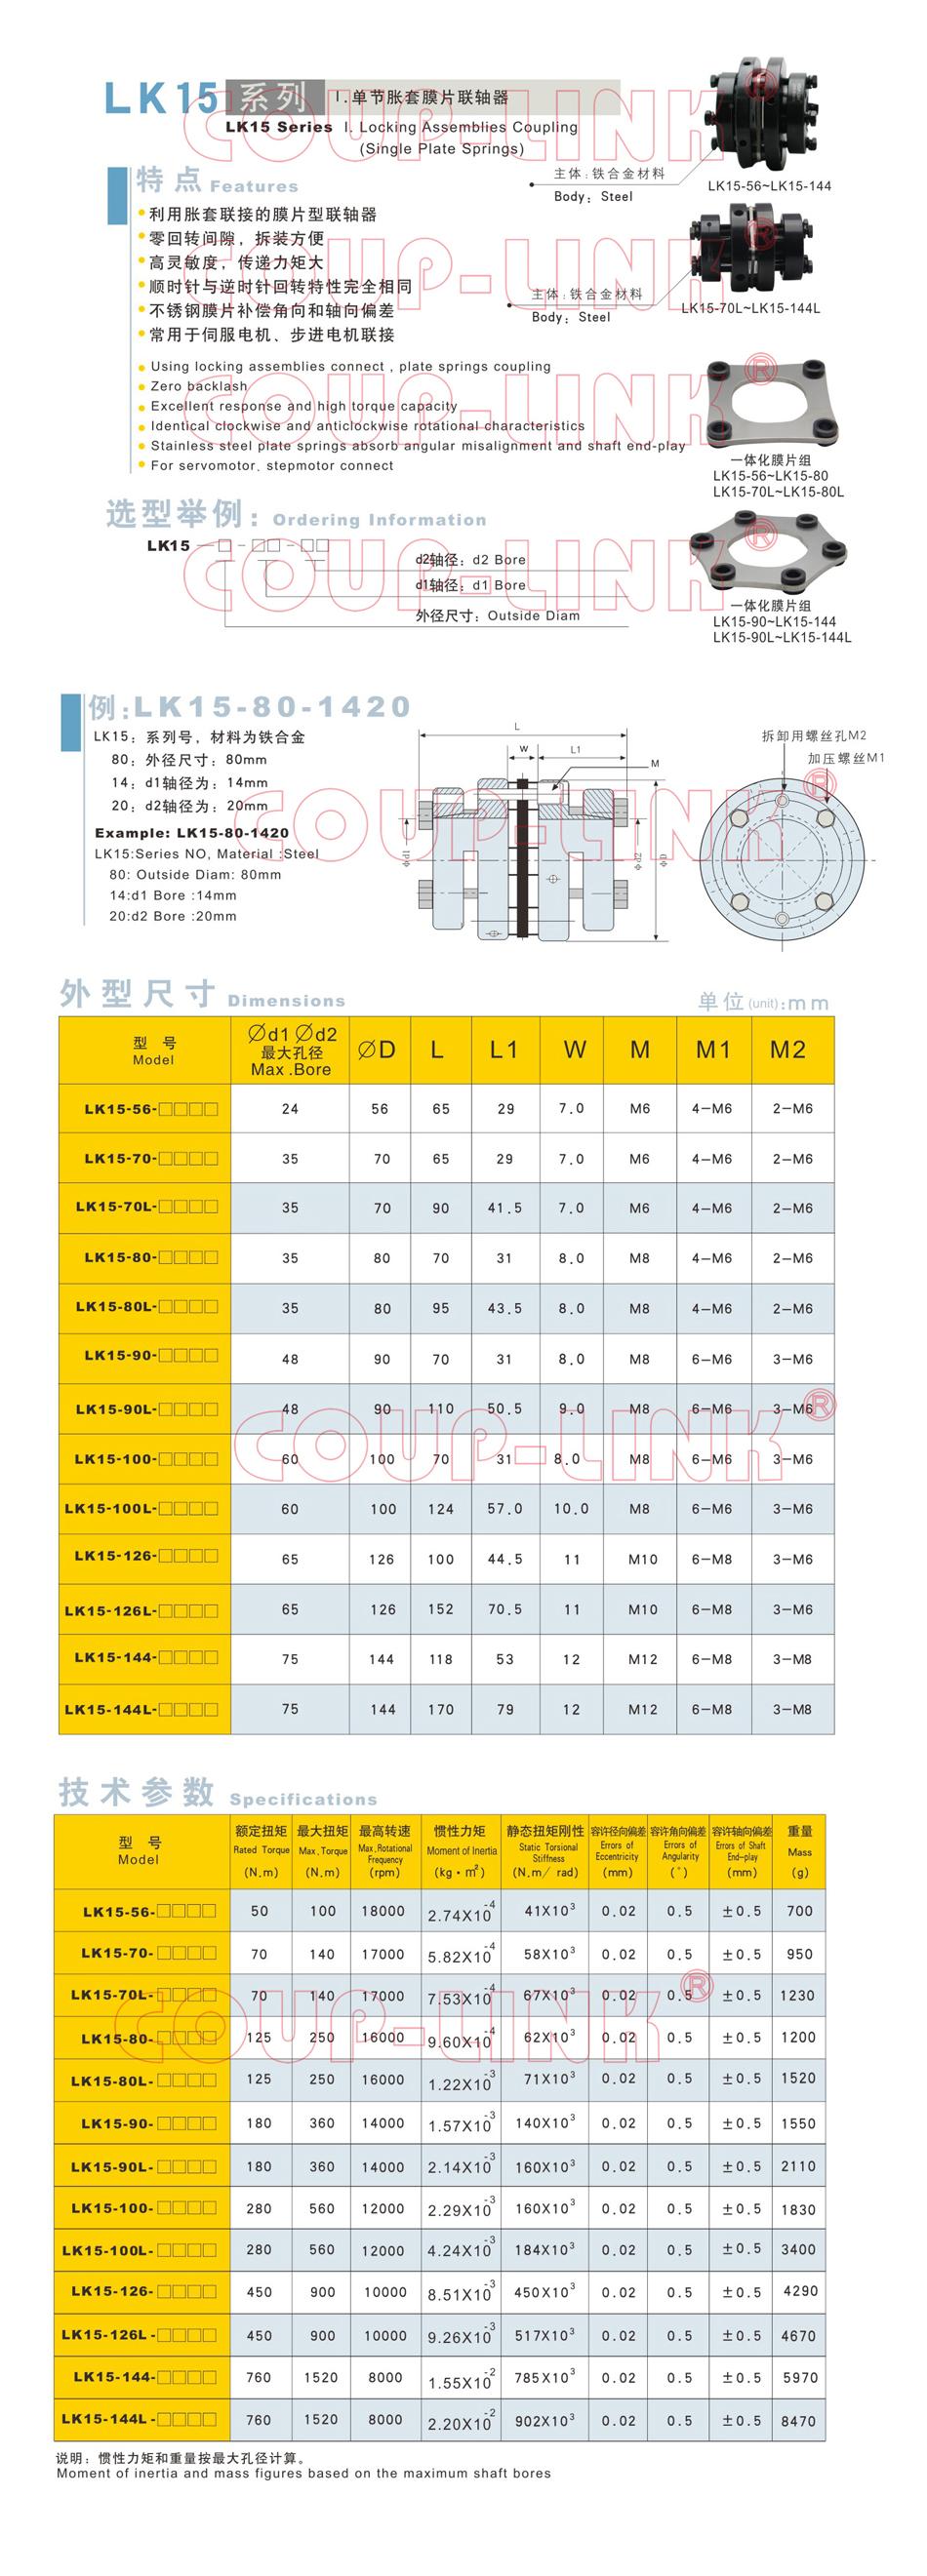 LK15系列 單節脹套老子有钱平台_老子有钱app種類-廣州老子有钱自動化設備有限公司